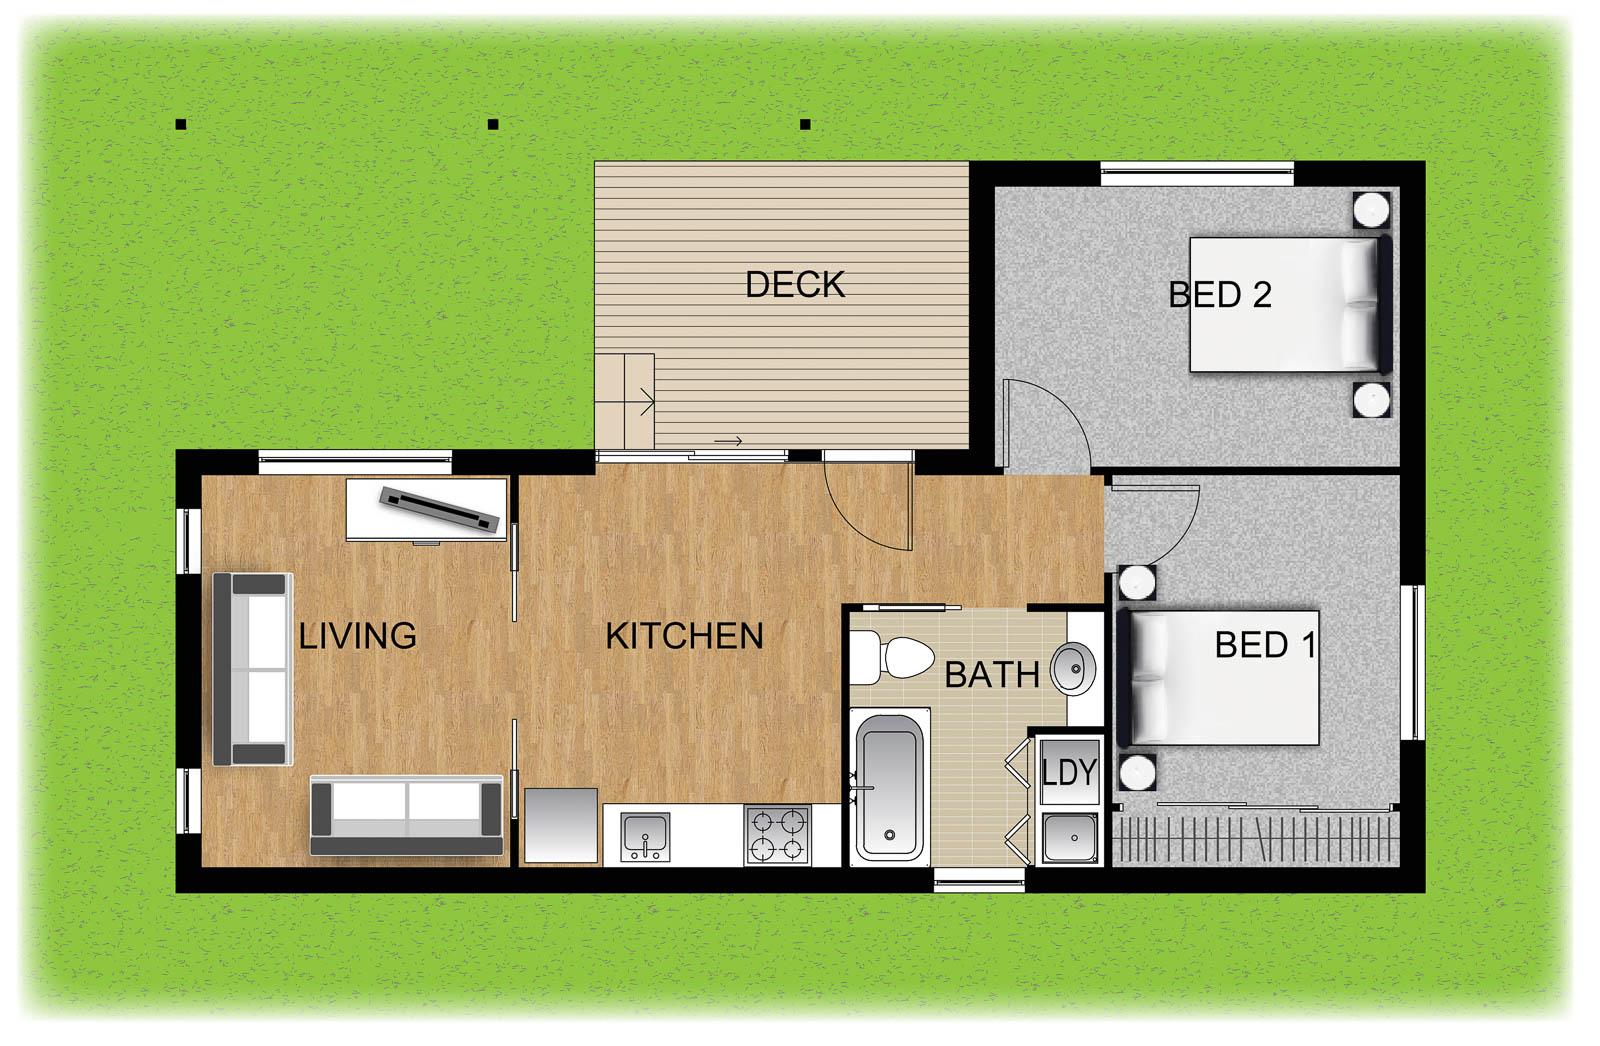 Mabella panel homes australia for Precast concrete home plans